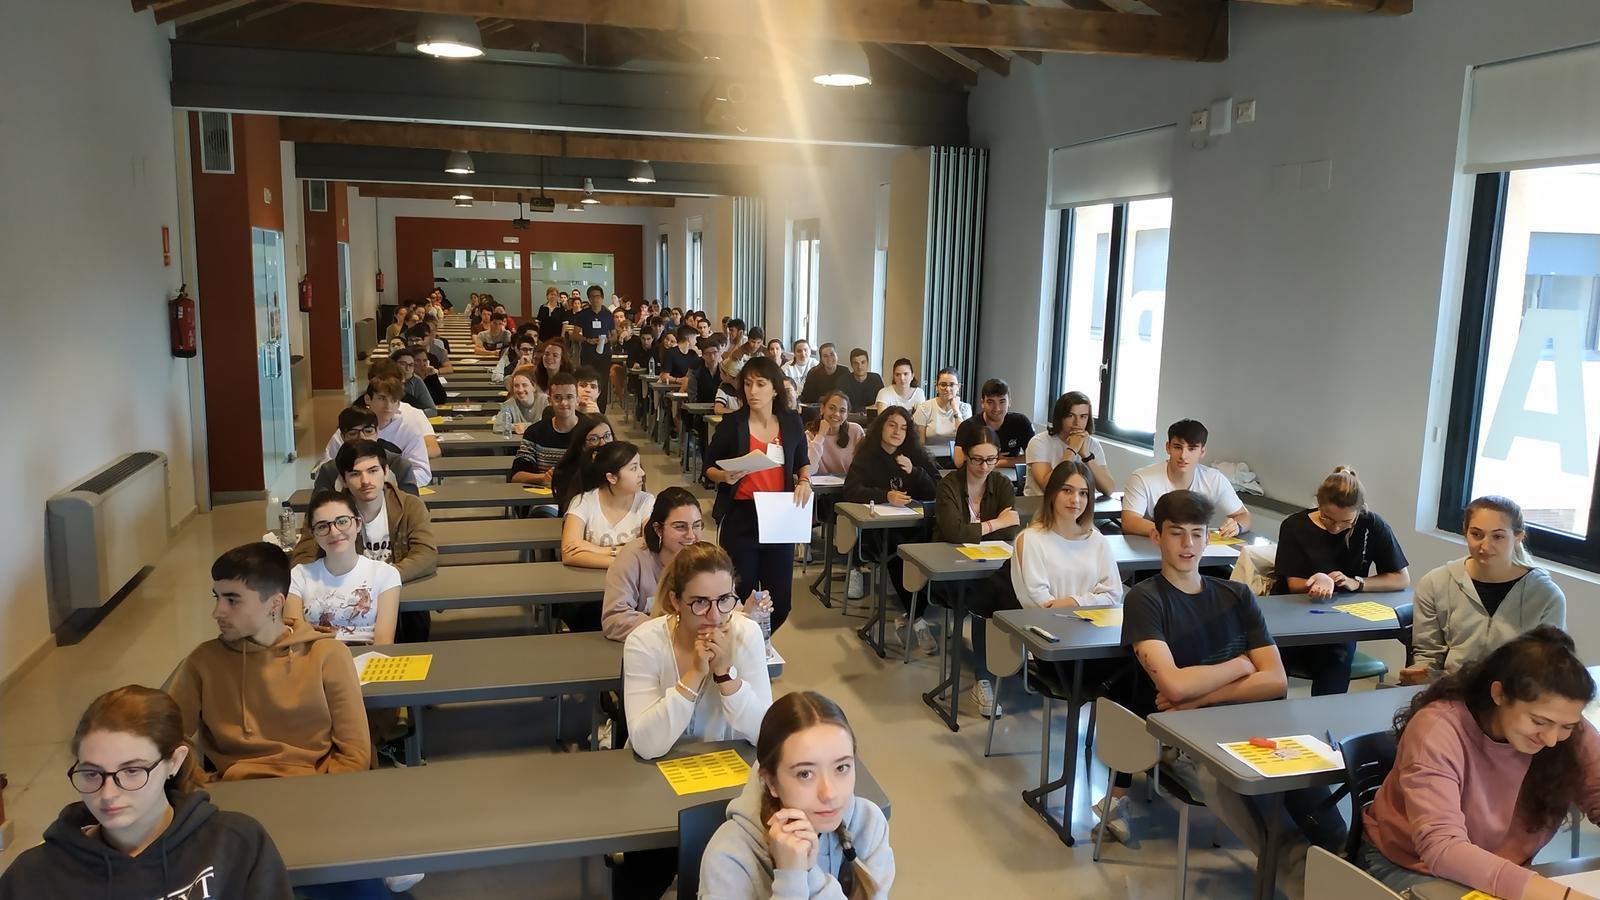 Els alumnes, a punt per iniciar els exàmens a la Seu. / AJUNTAMENT DE LA SEU